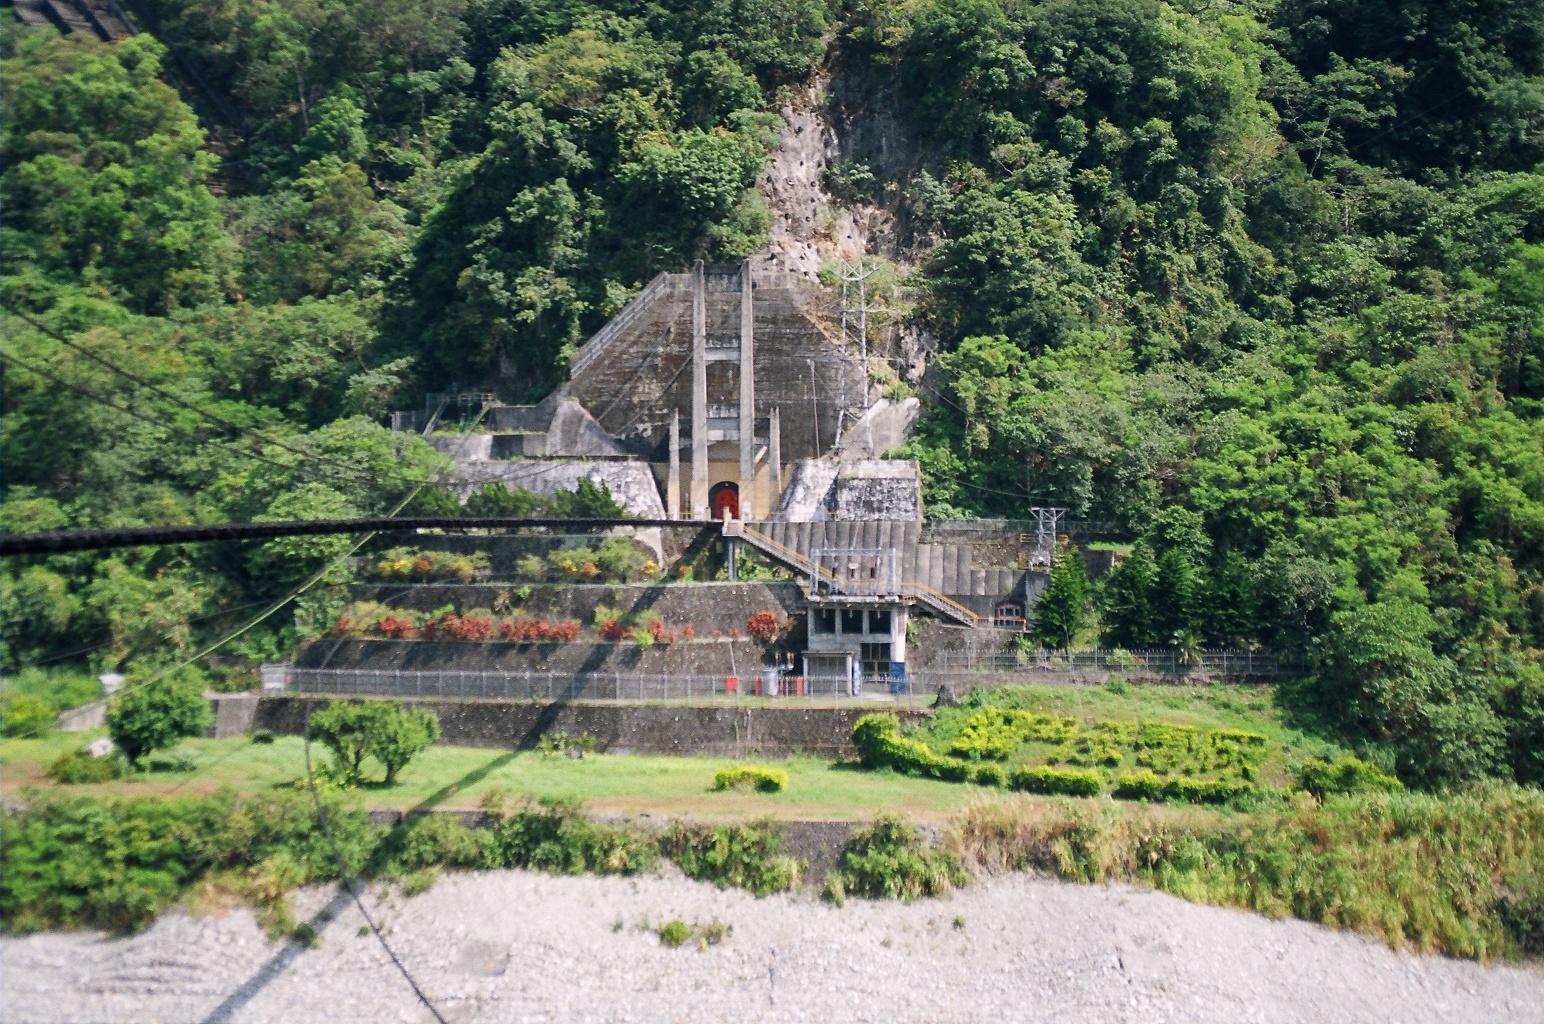 東部發電廠銅門機組全景 出處:台灣電力股份有限公司